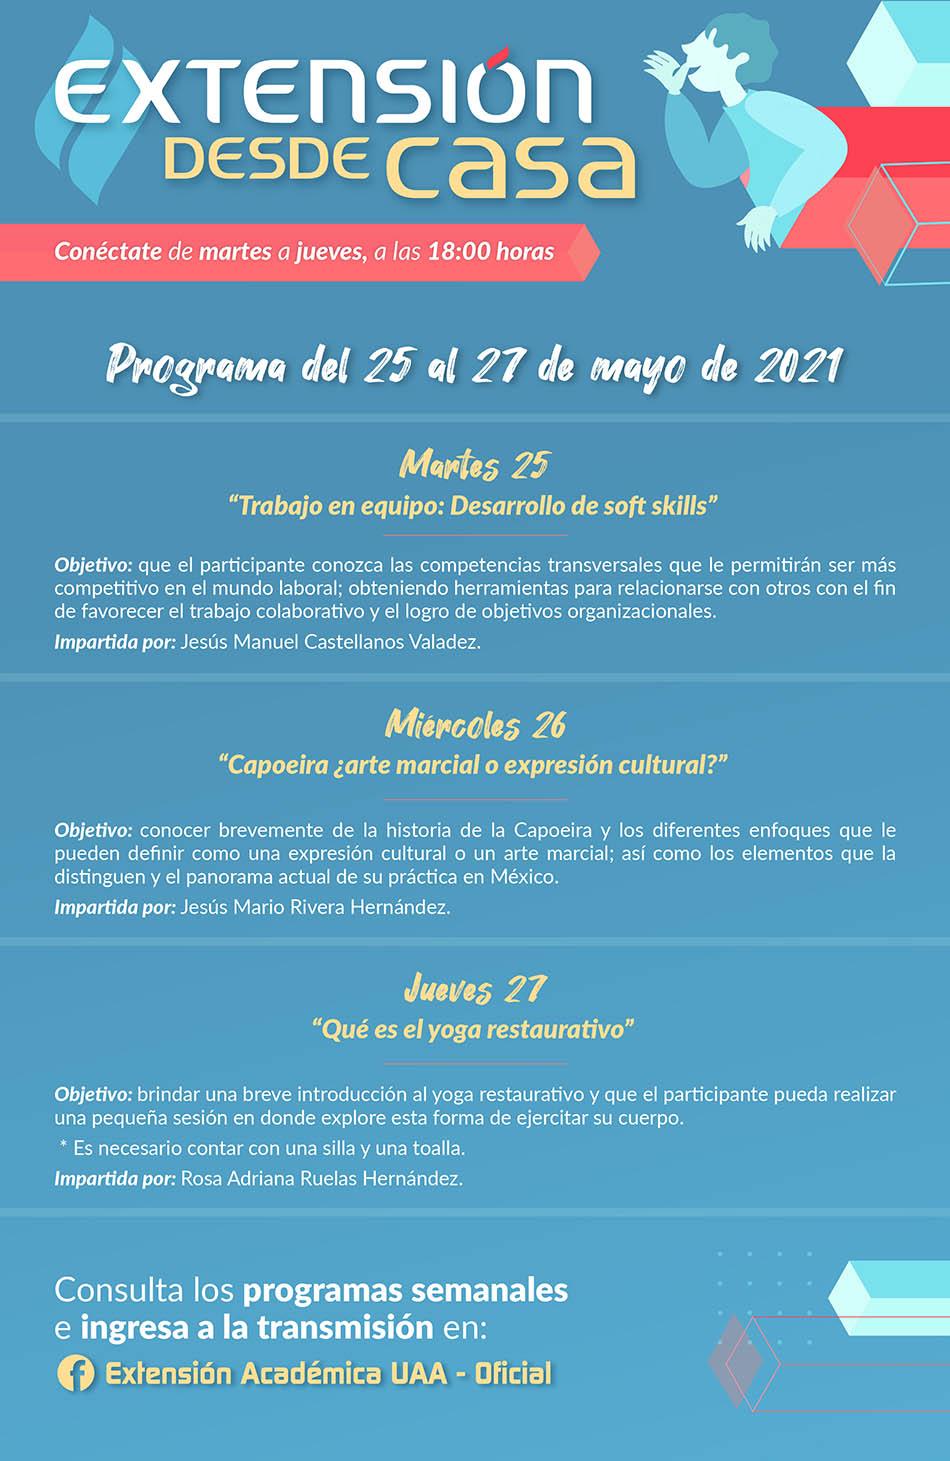 UAA – SEGUNDA SEMANA DE CHARLAS DE EXTENSIÓN DESDE CASA, CONSULTA EL PROGRAMA.